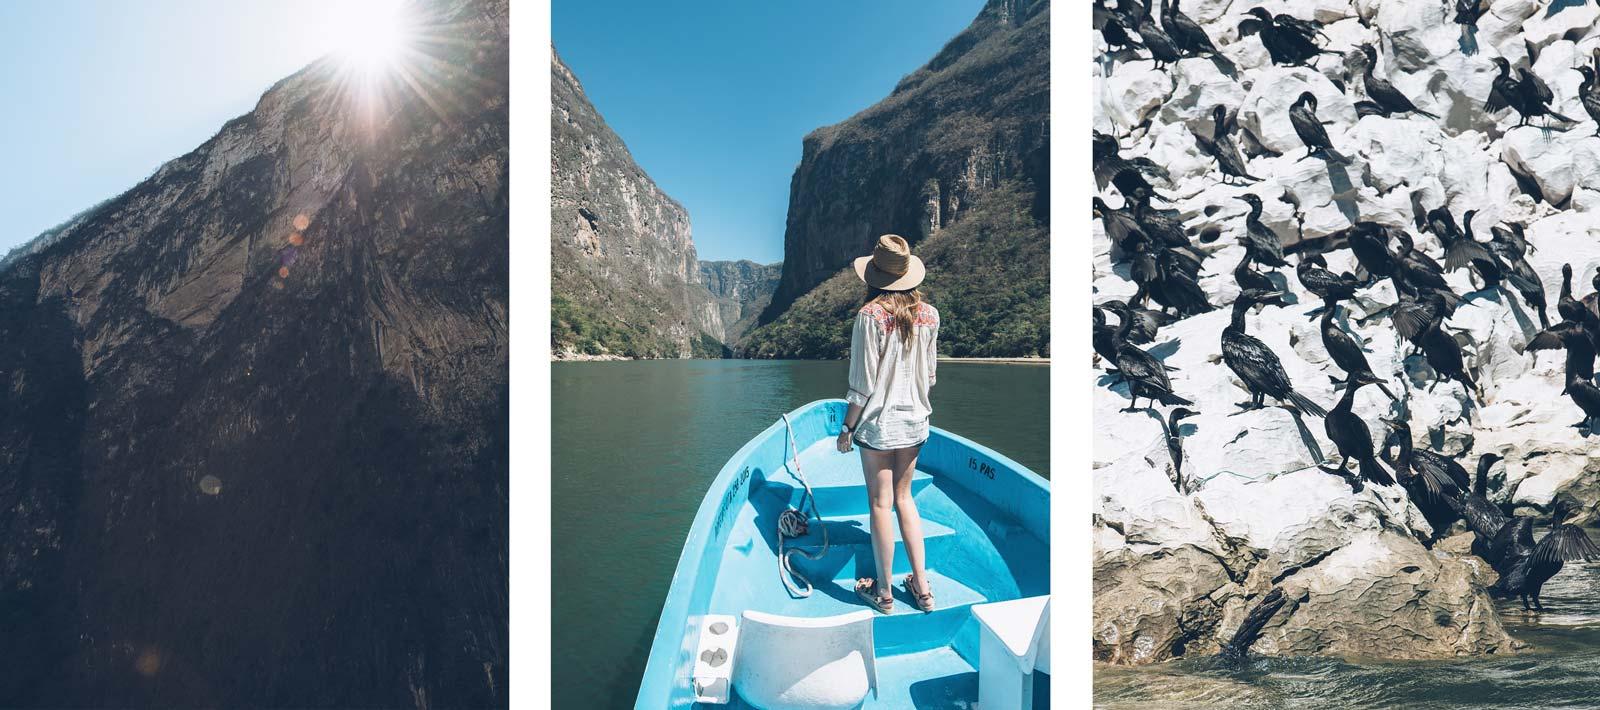 Tour en bateau, Canon del Sumidero, Chiapas, Mexique